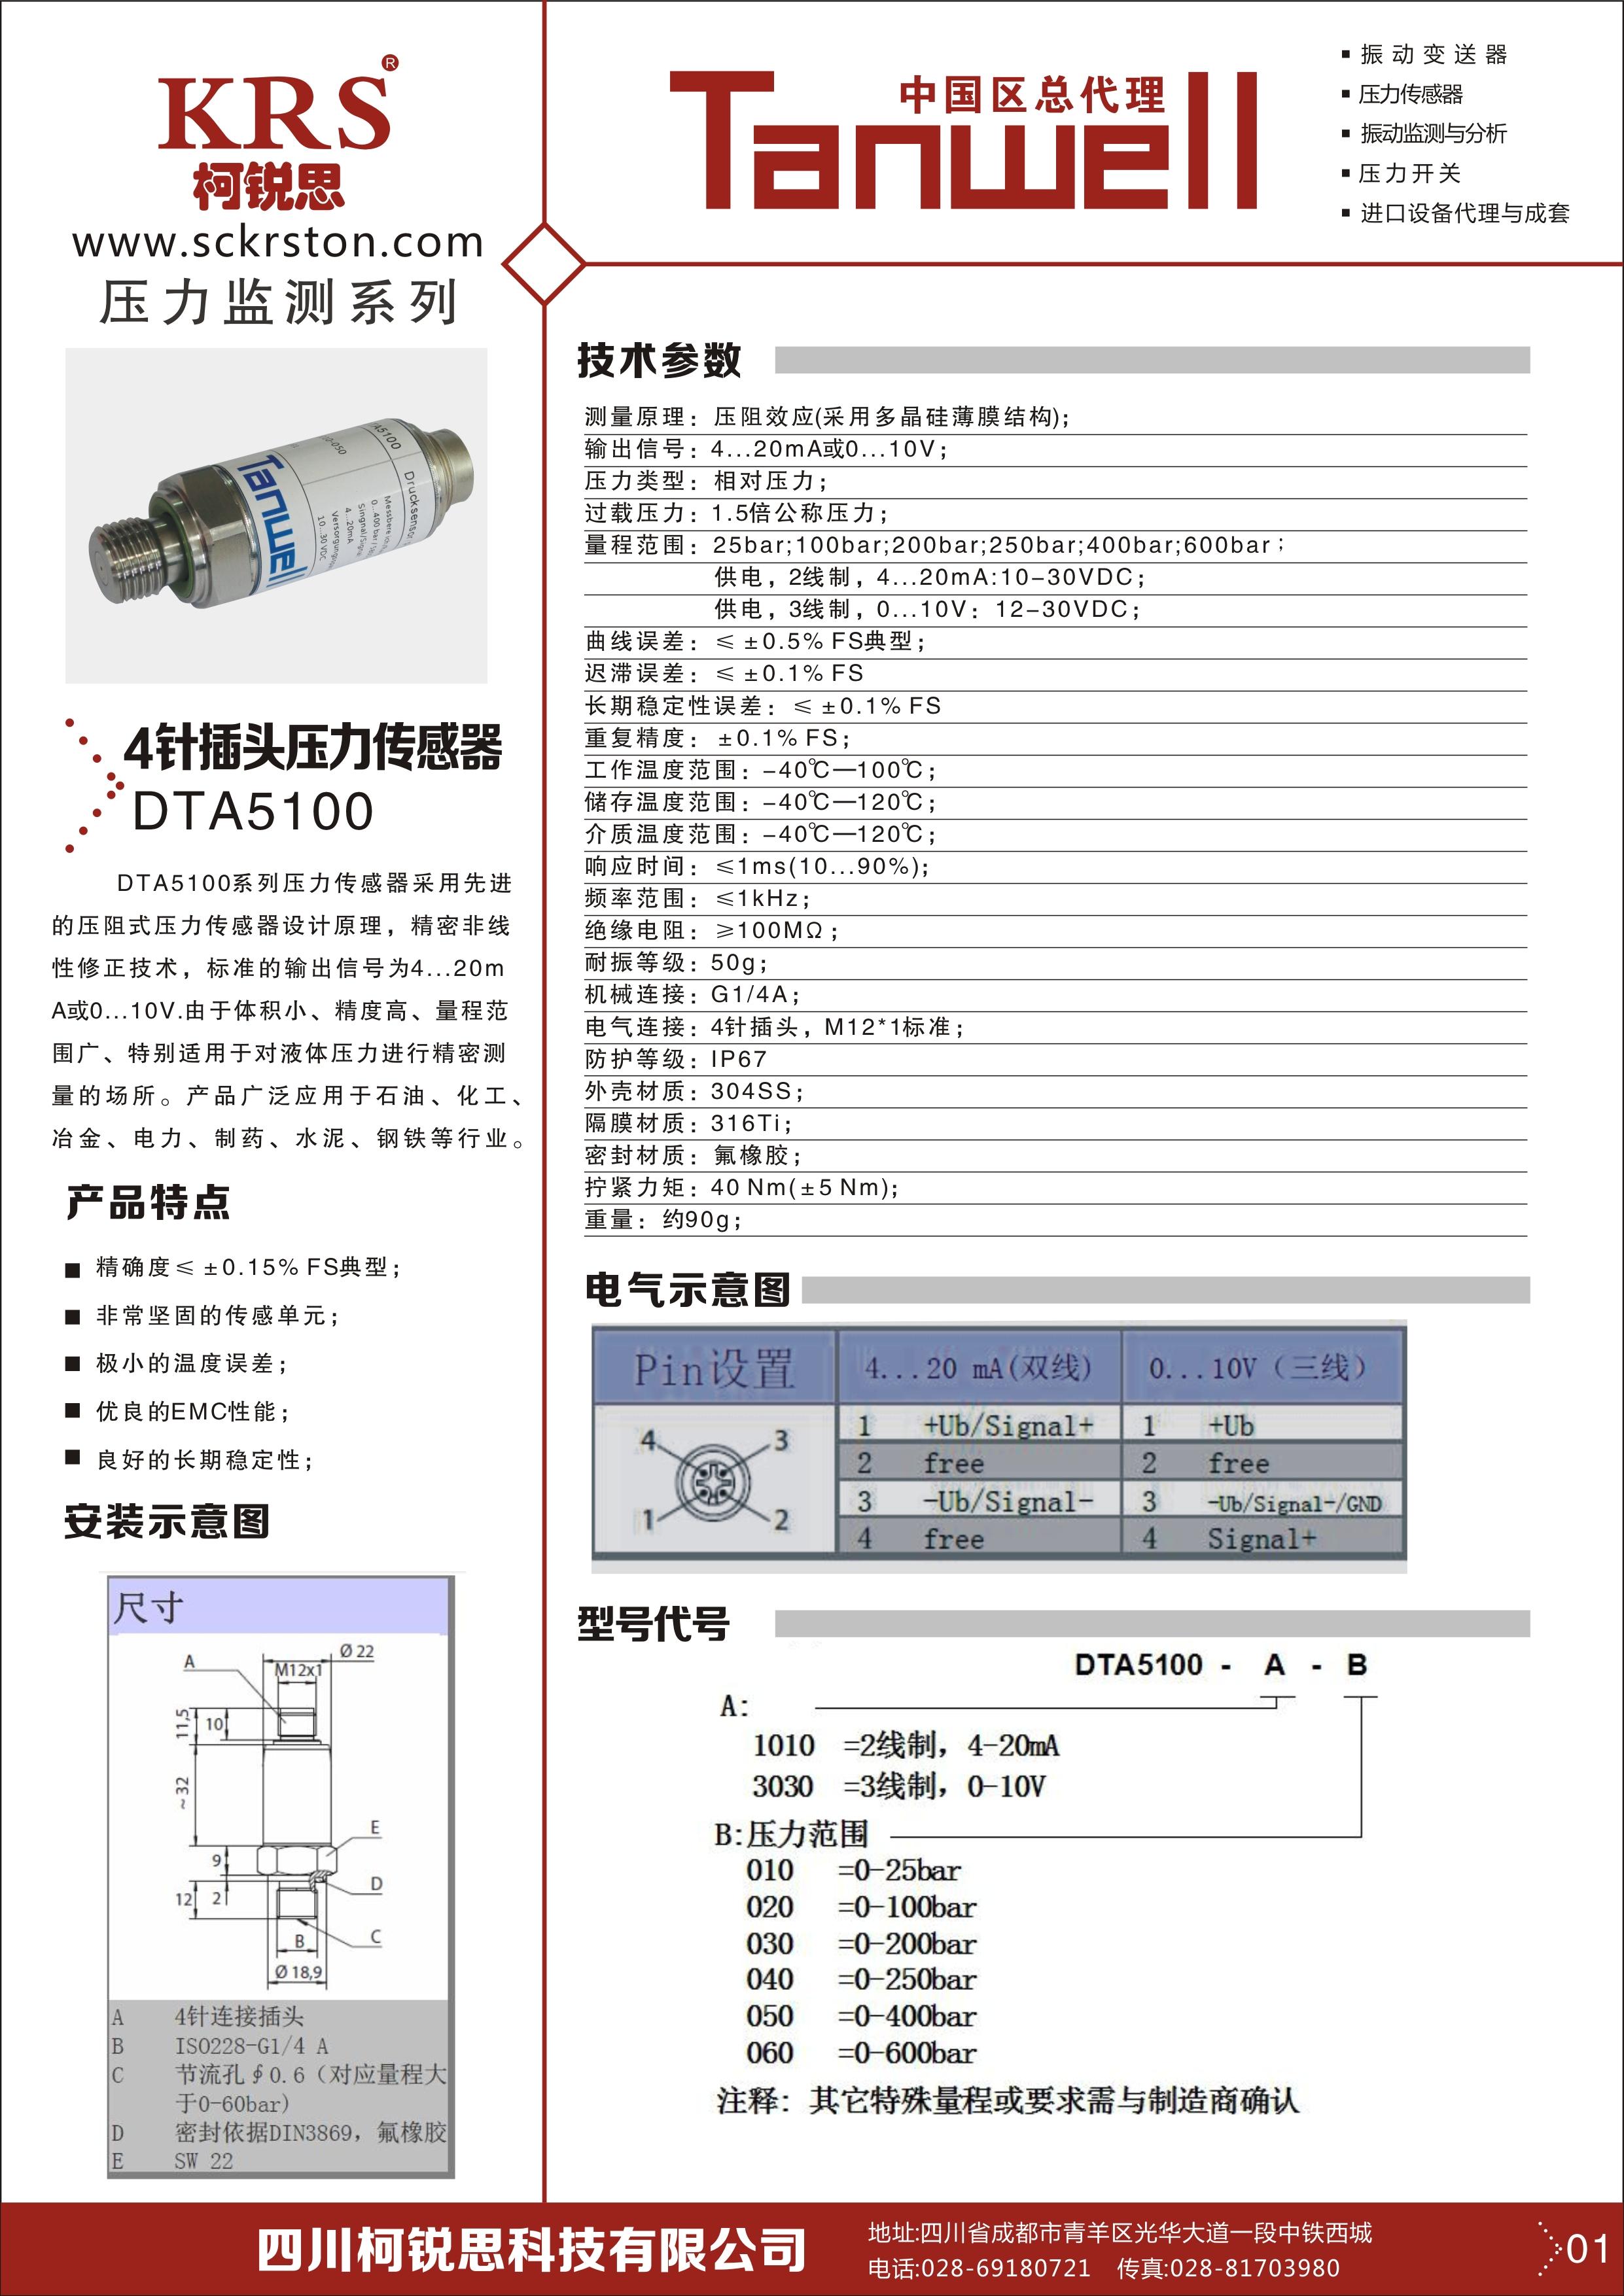 四川柯锐思压力传感器产品样本